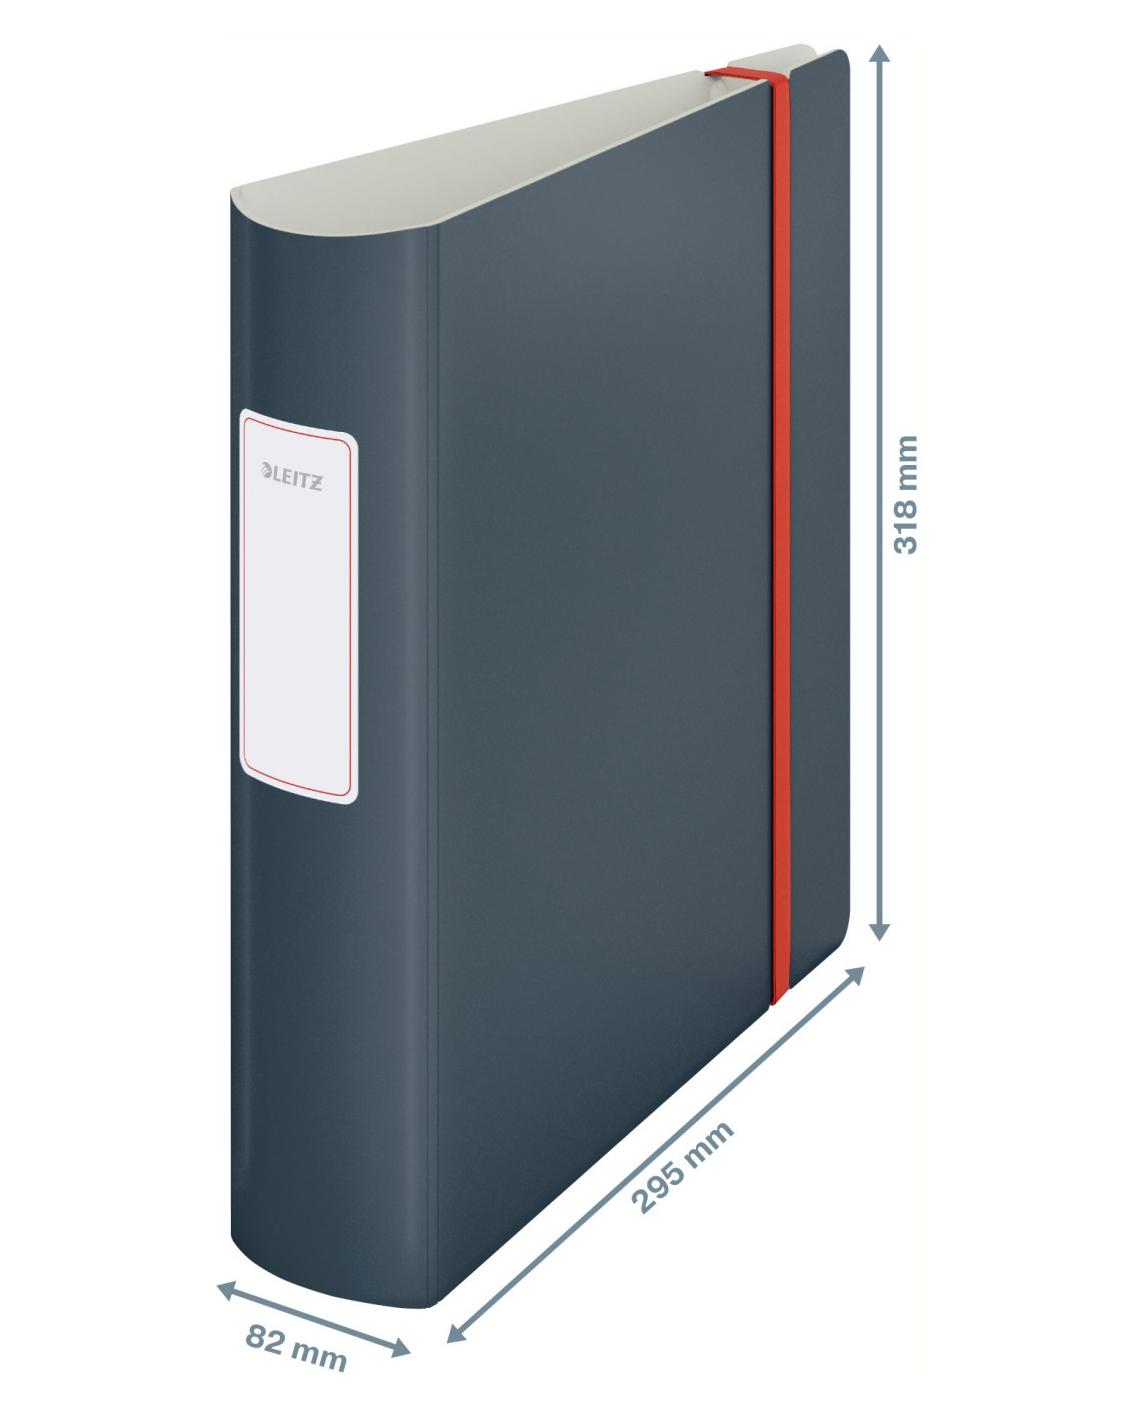 Регистратор 8,2см. А4 (PP) 180 Active Cosy, серый LEITZ - фото 3